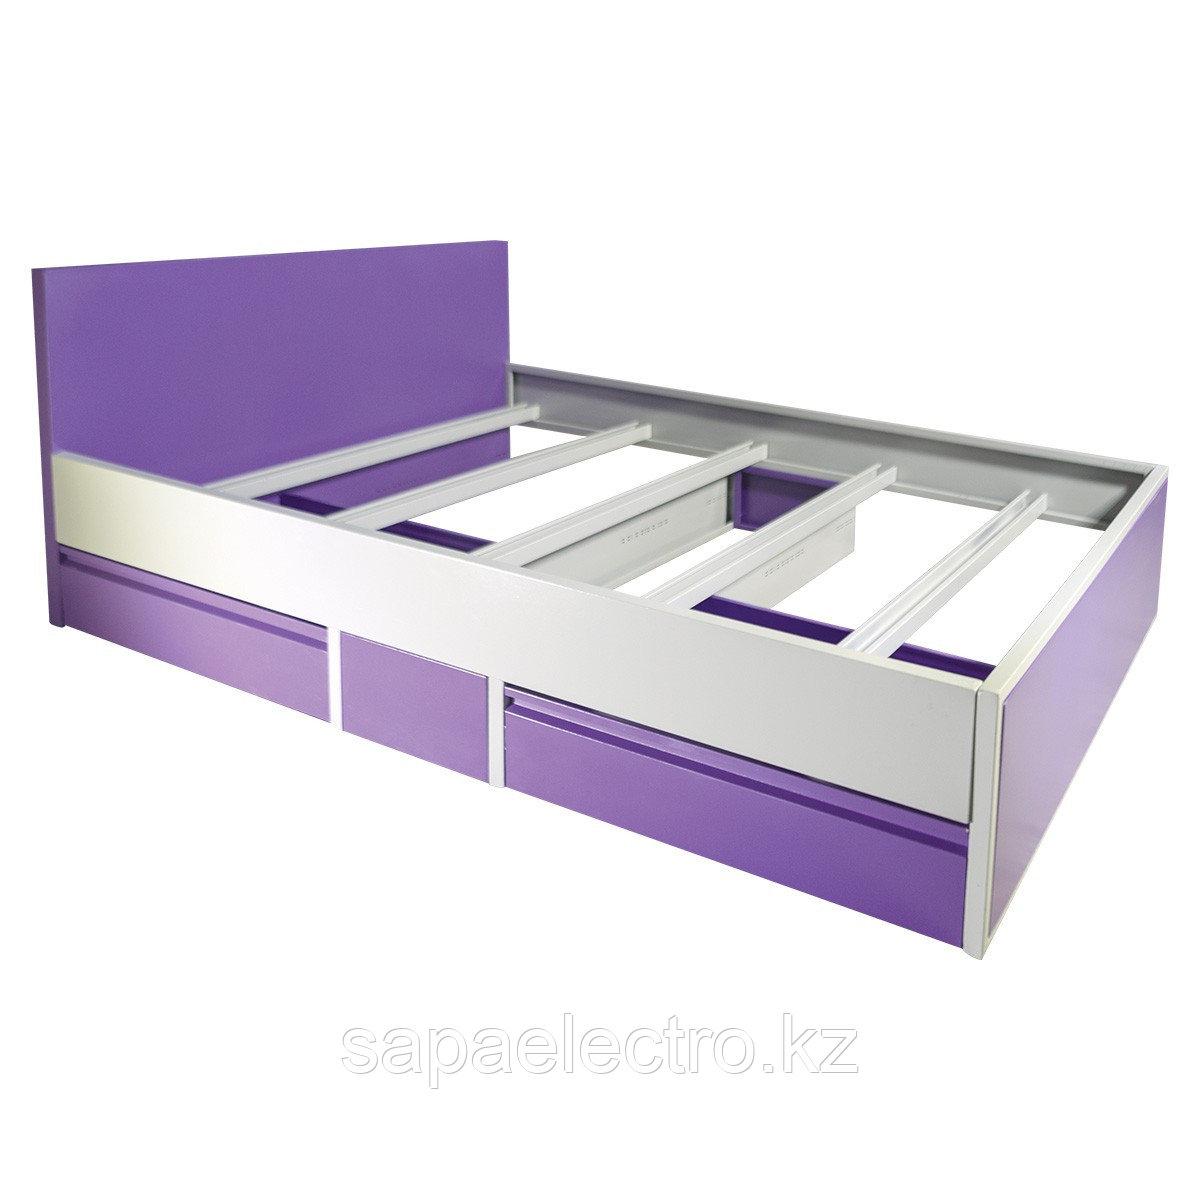 Кровать двухспальная металлическая c выдвижными ящи